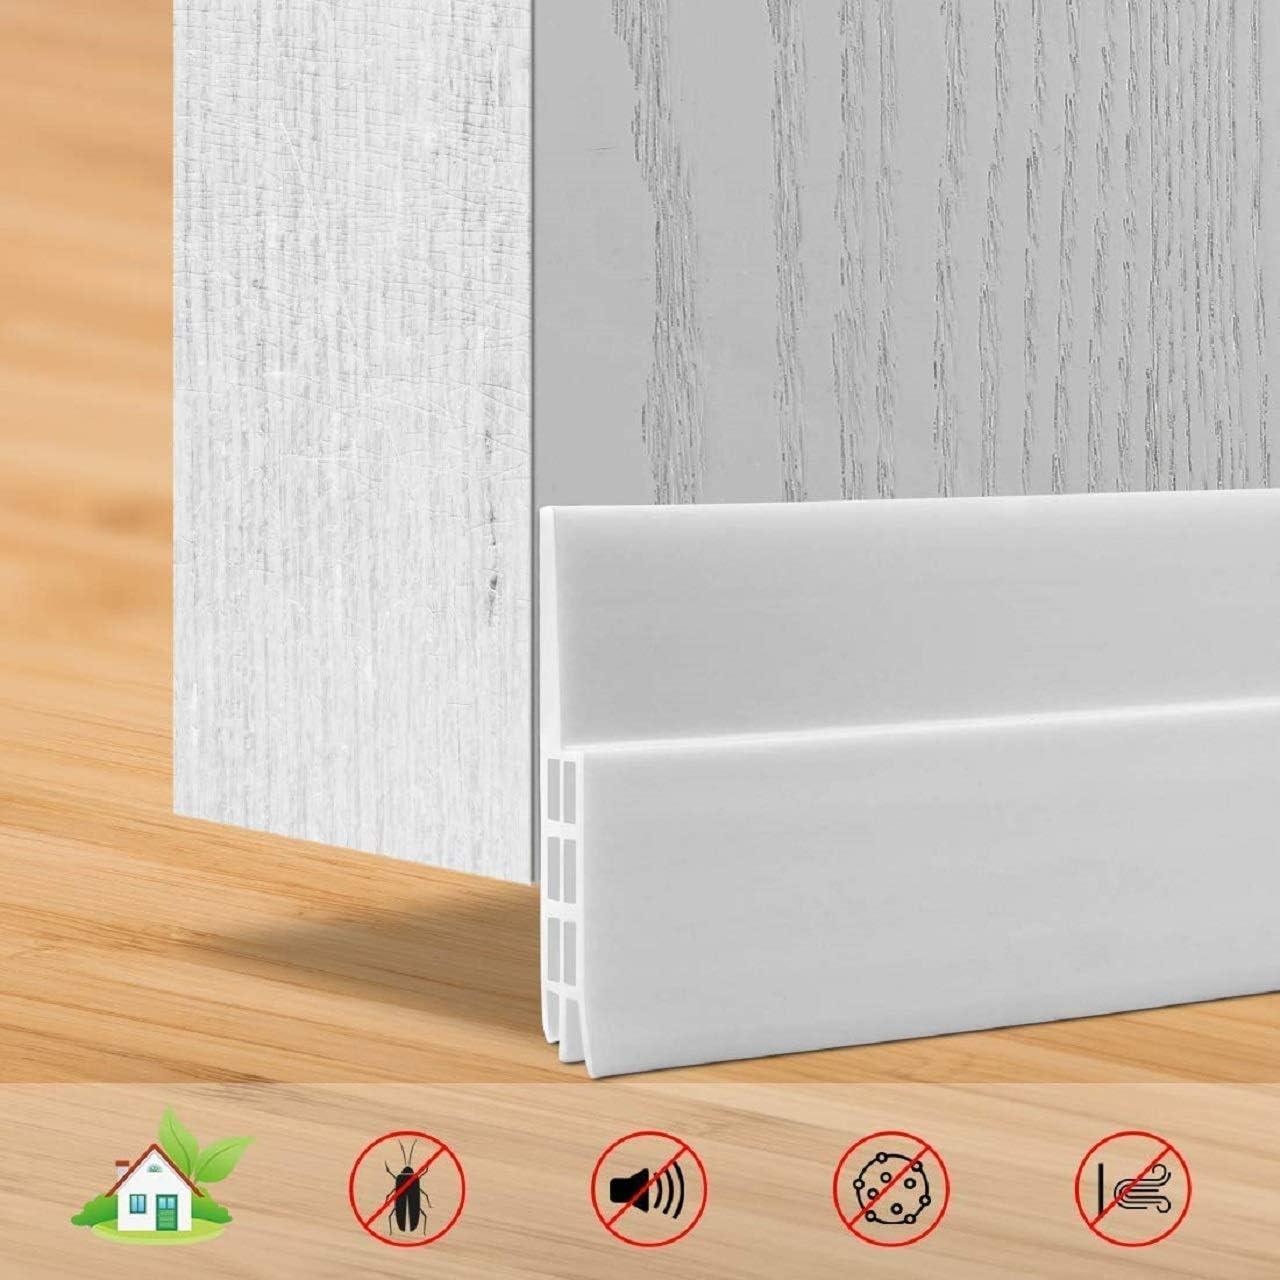 Burlete puerta, SXYHKJ 100 x 5cm burlete bajo puerta burlete autoadhesivo de goma de Silicona, Anti-polvo/anti-ruido/anti-bug de sellado a prueba (blanco)